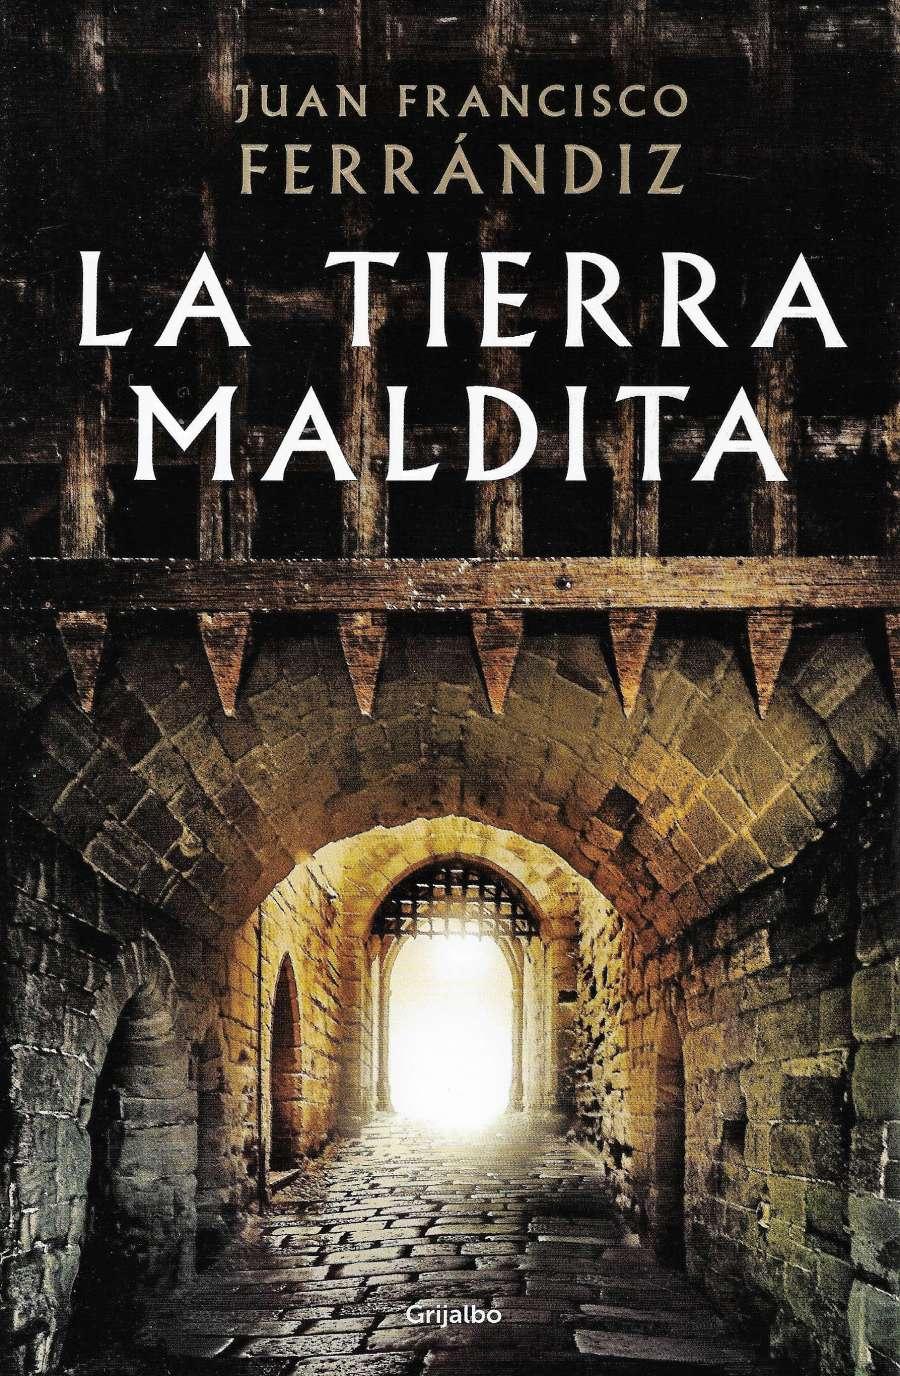 TIERRA MALDITA